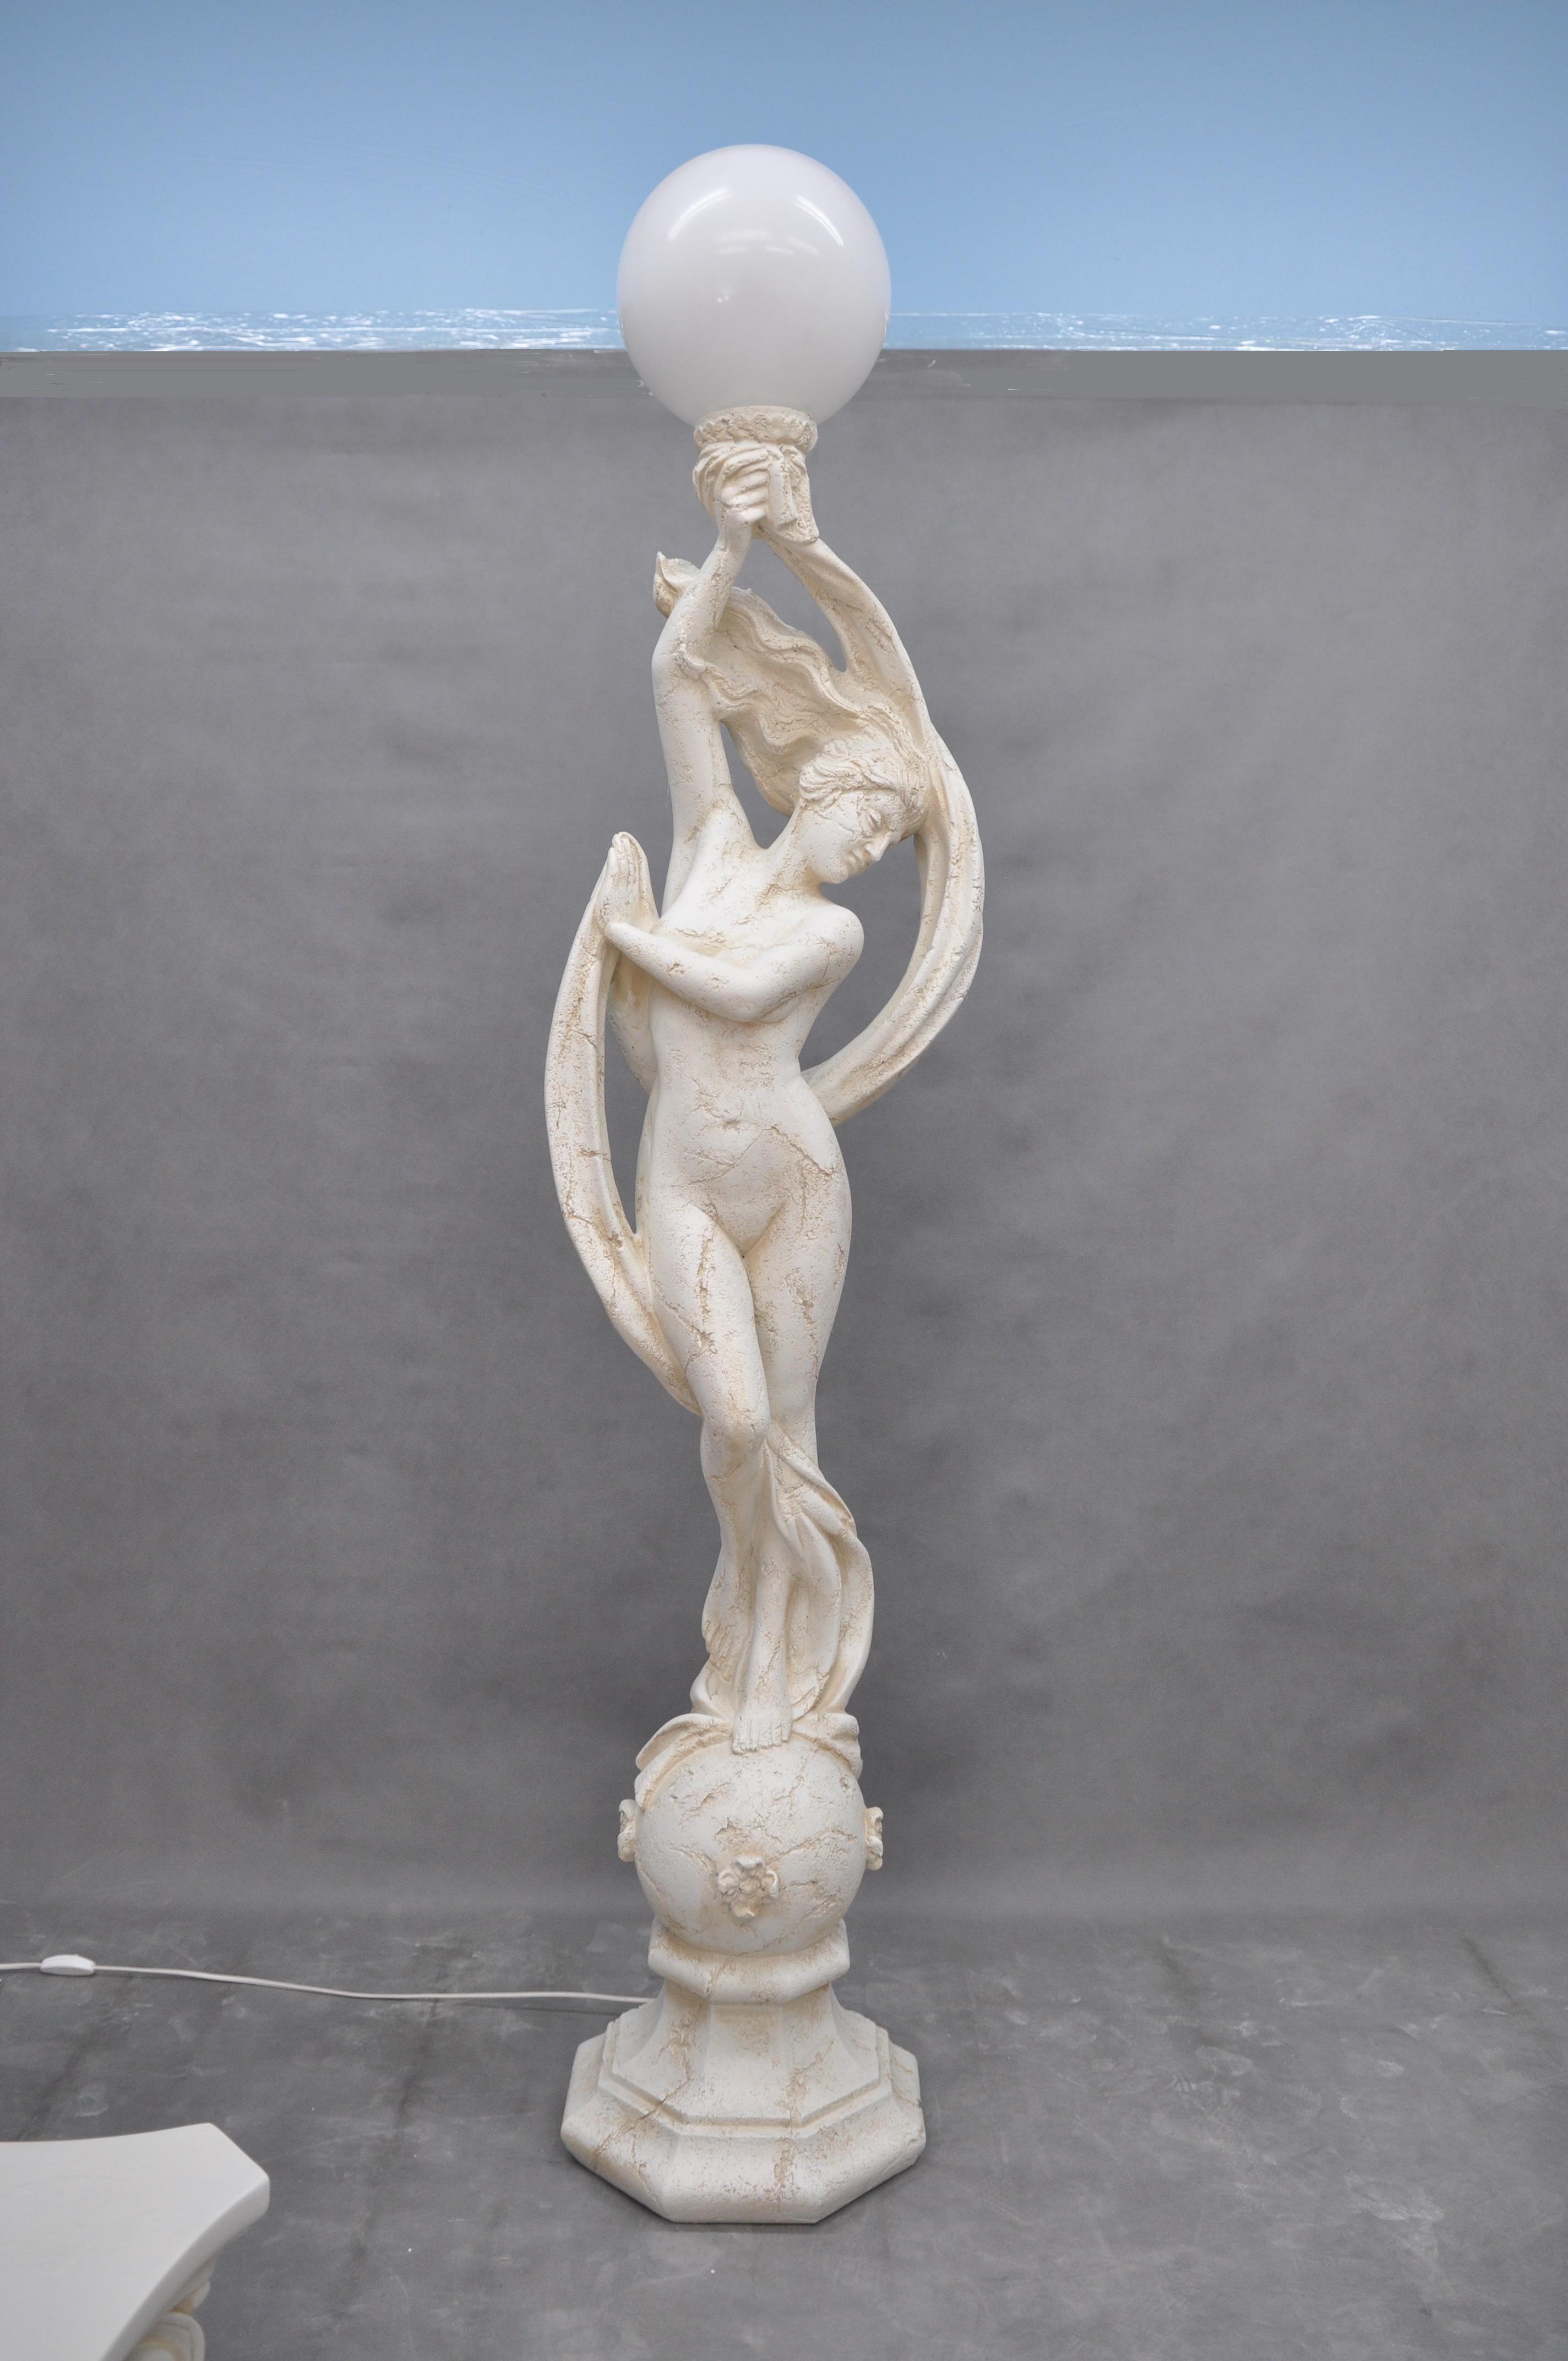 Lampa vysoká / Antický styl / 197 cm Zakázková výroba